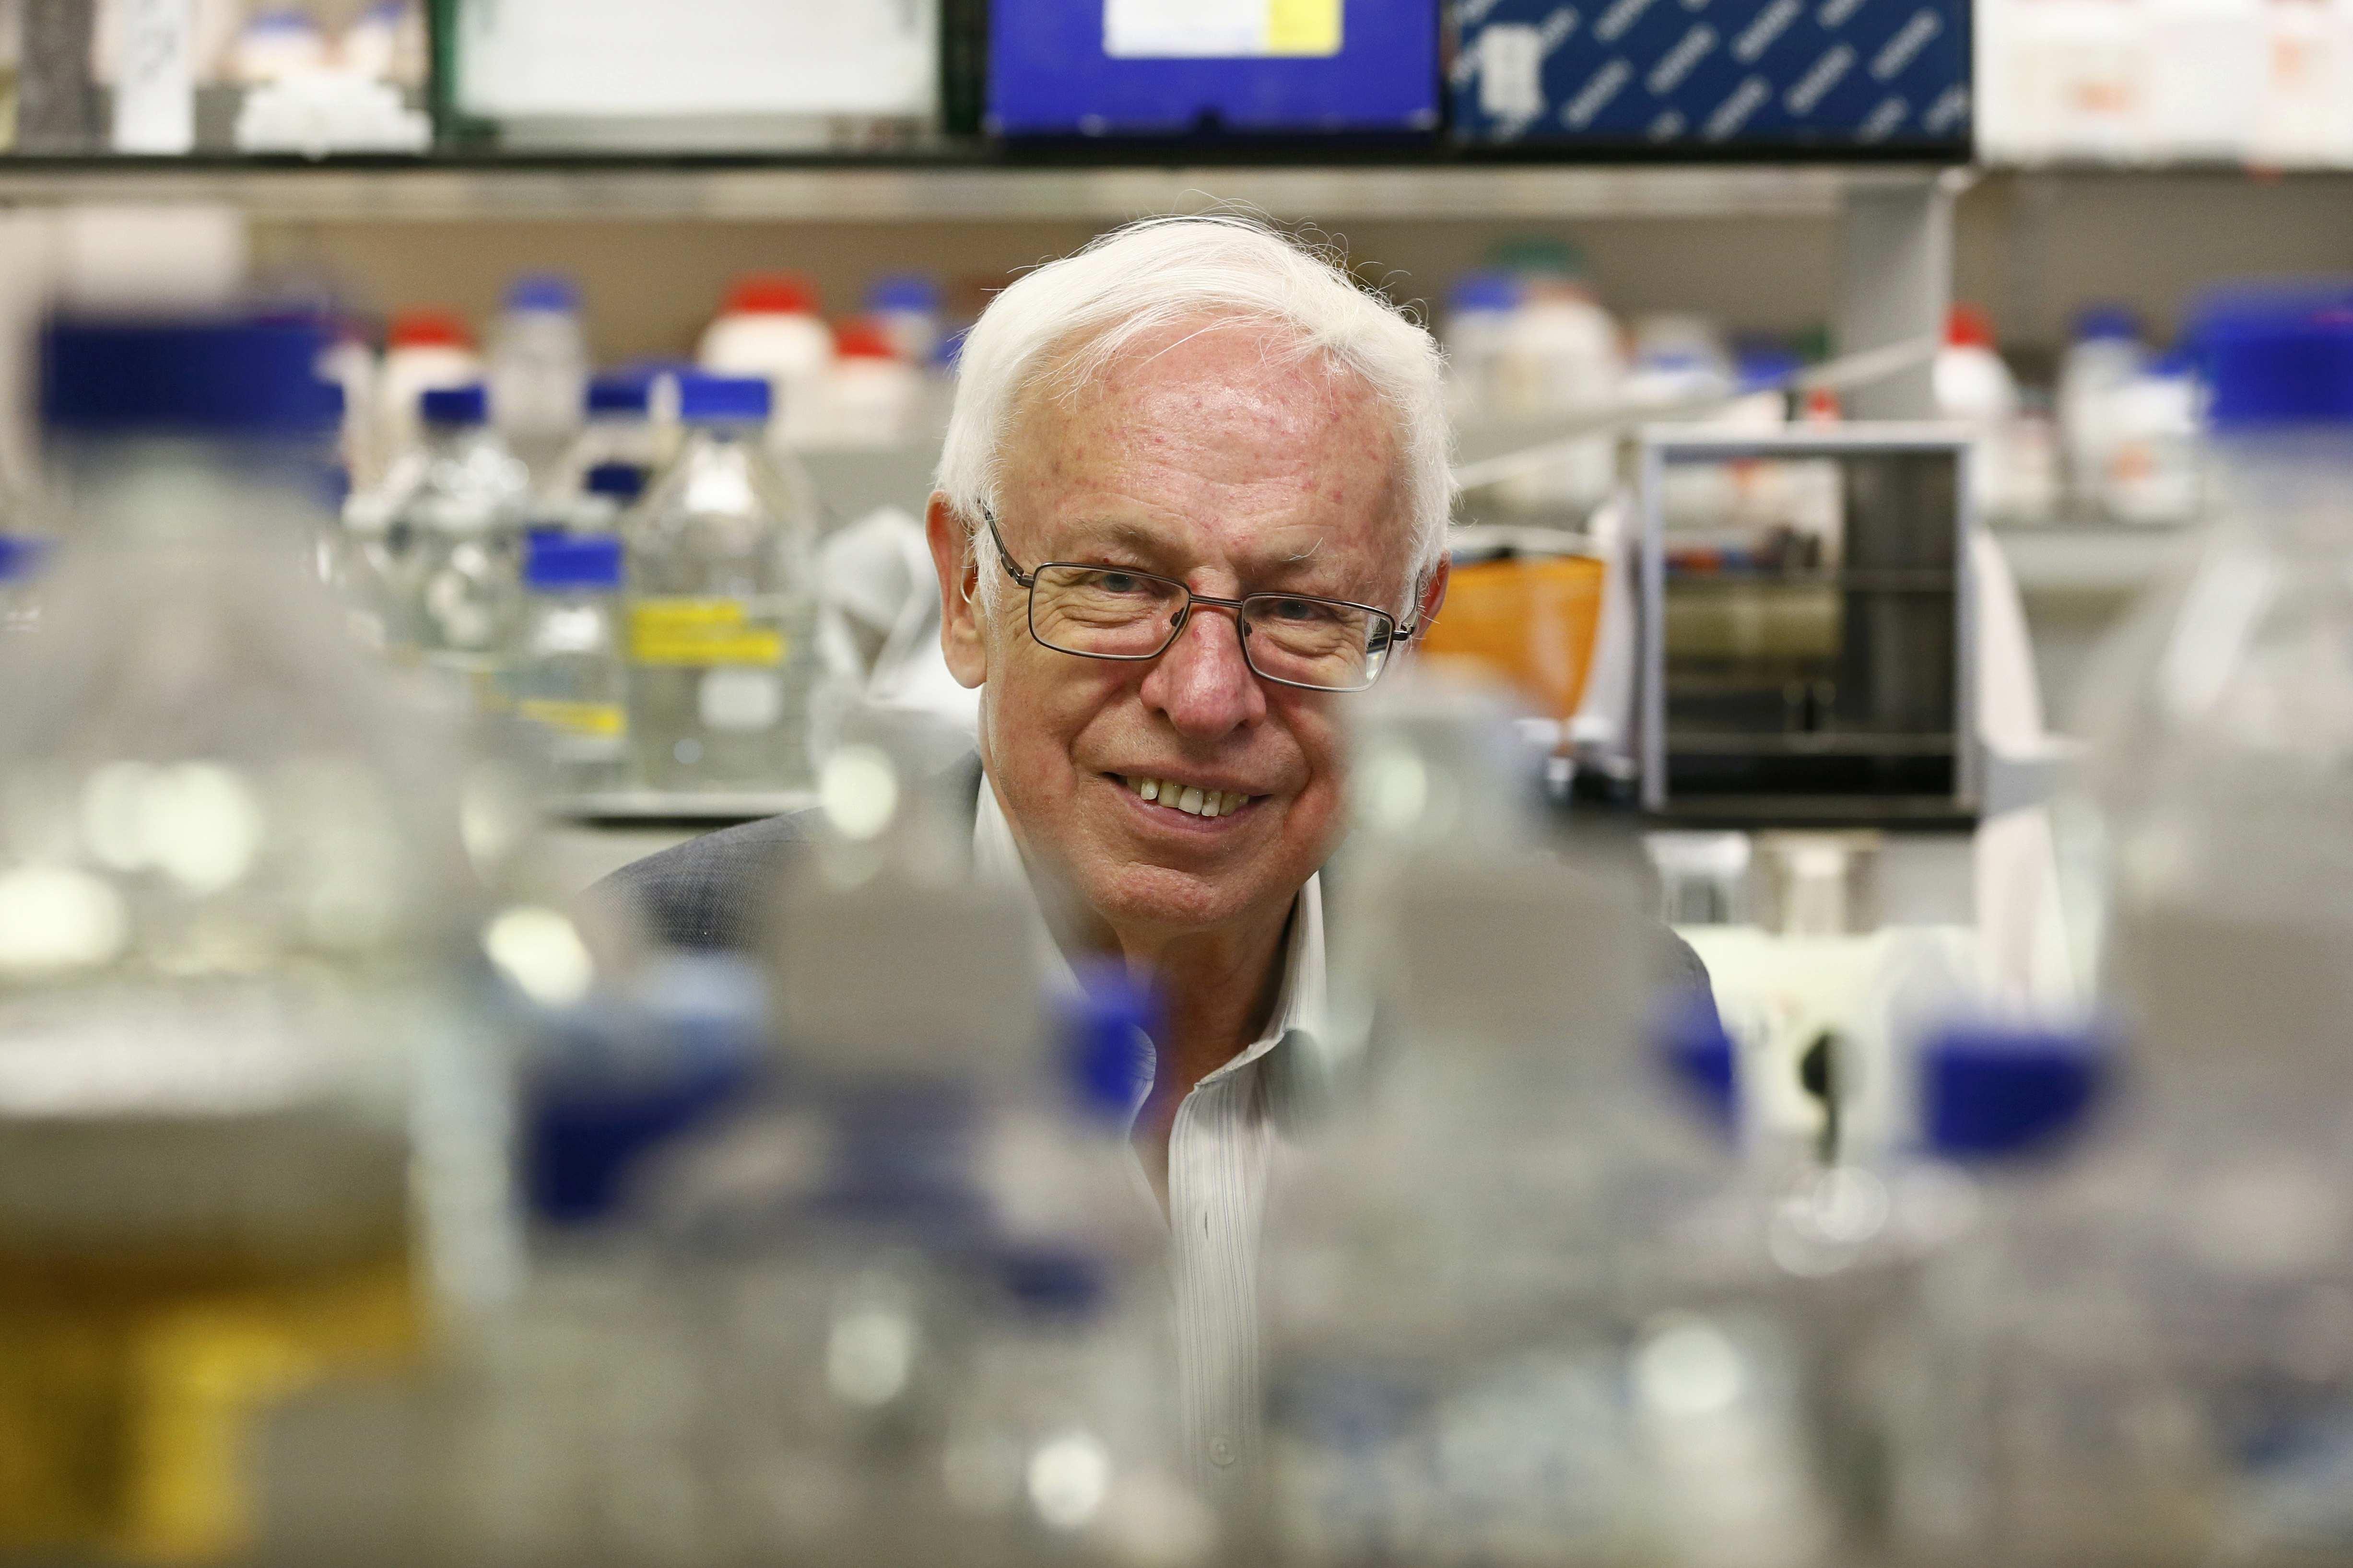 """Tomas Lindahl berpose untuk pemotretan setelah memenangkan Penghargaan Nobel untuk Kimia di Laboratorium Clare Hall Institut Francis Crick, sebelah utara London, Inggris, Rabu (7/10). Tomas Lindahl, Paul Modrich dan Aziz Sancar memenangkan hadiah untuk """"Studi Mekanis Perbaikan DNA"""". Penelitian mereka memetakan bagaimana sel memperbaiki deoxyribonucleic acid (DNA) untuk mencegah kesalahan merusak dari munculnya infromasi genetik. ANTARA FOTO/REUTERS/Stefan Wermuth."""